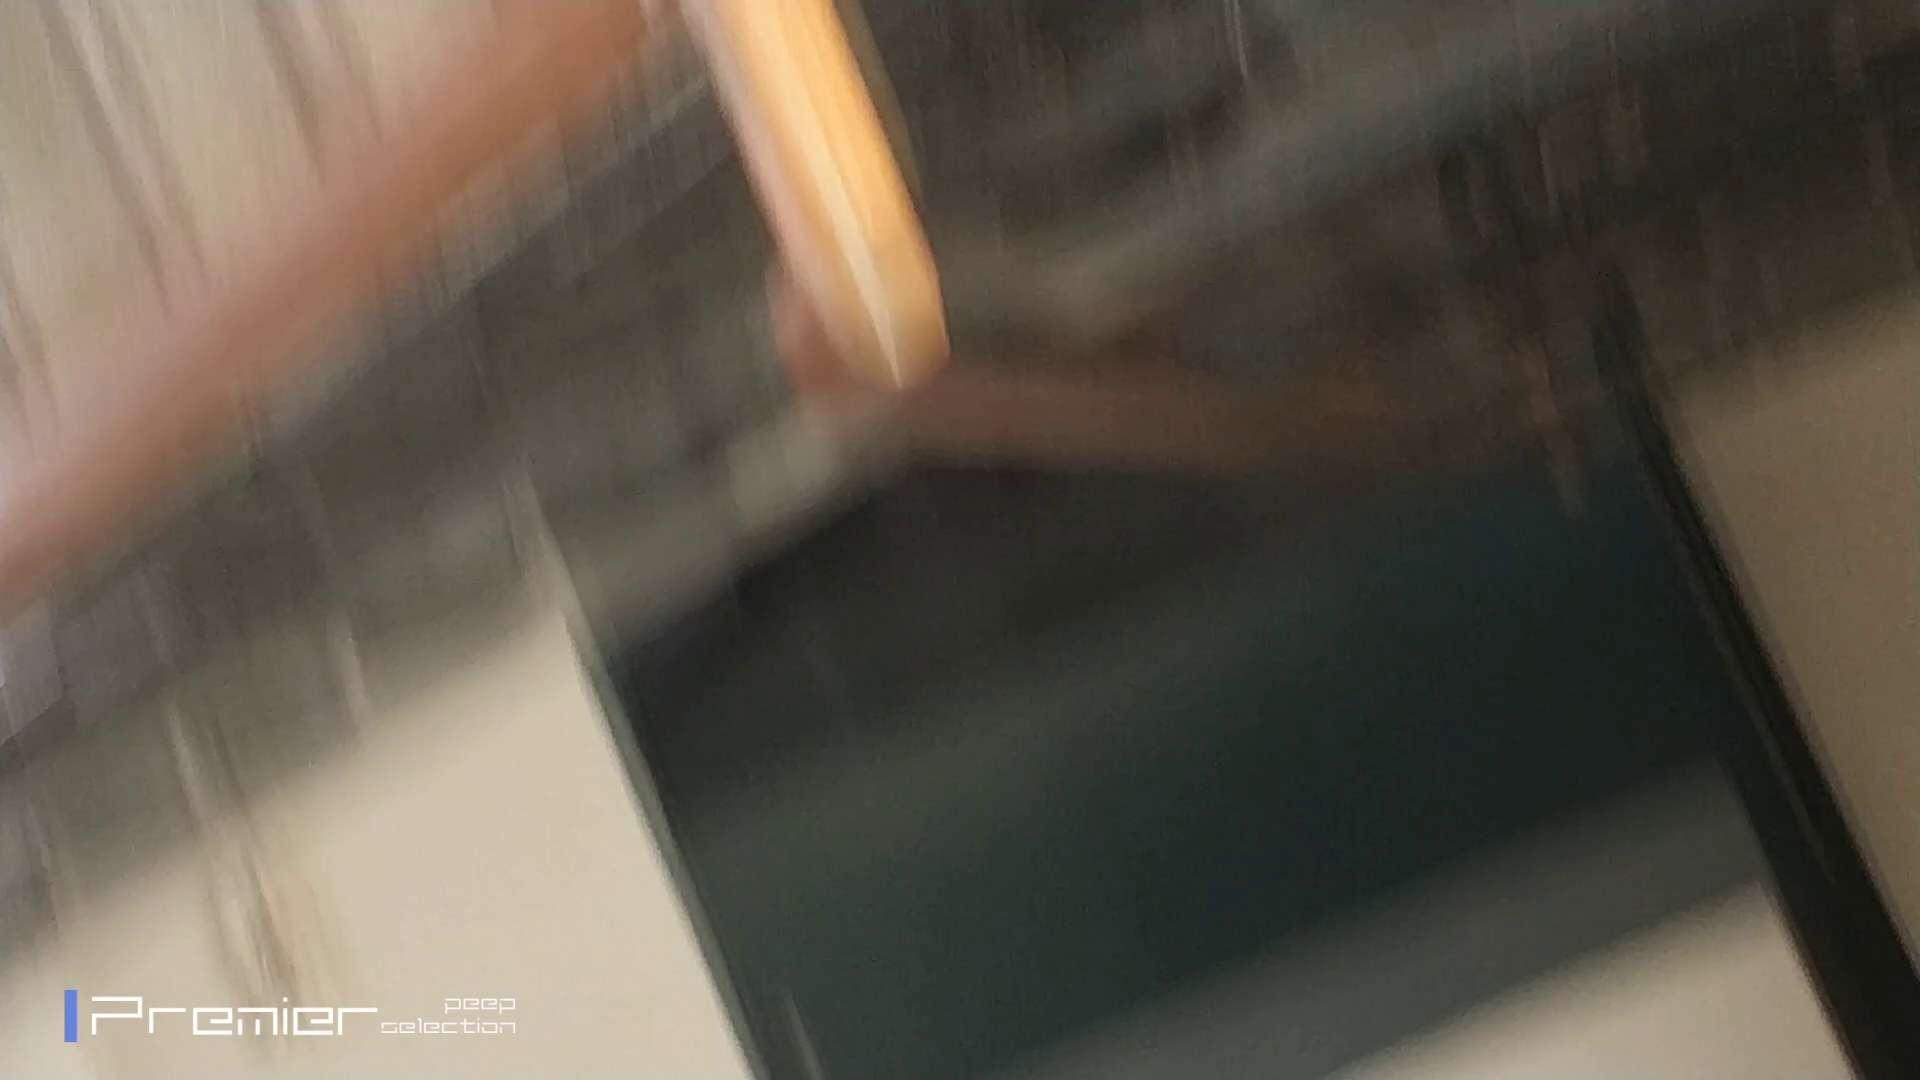 生理用ナプキン交換 大学休憩時間の洗面所事情77 ナプキン オマンコ動画キャプチャ 86枚 83